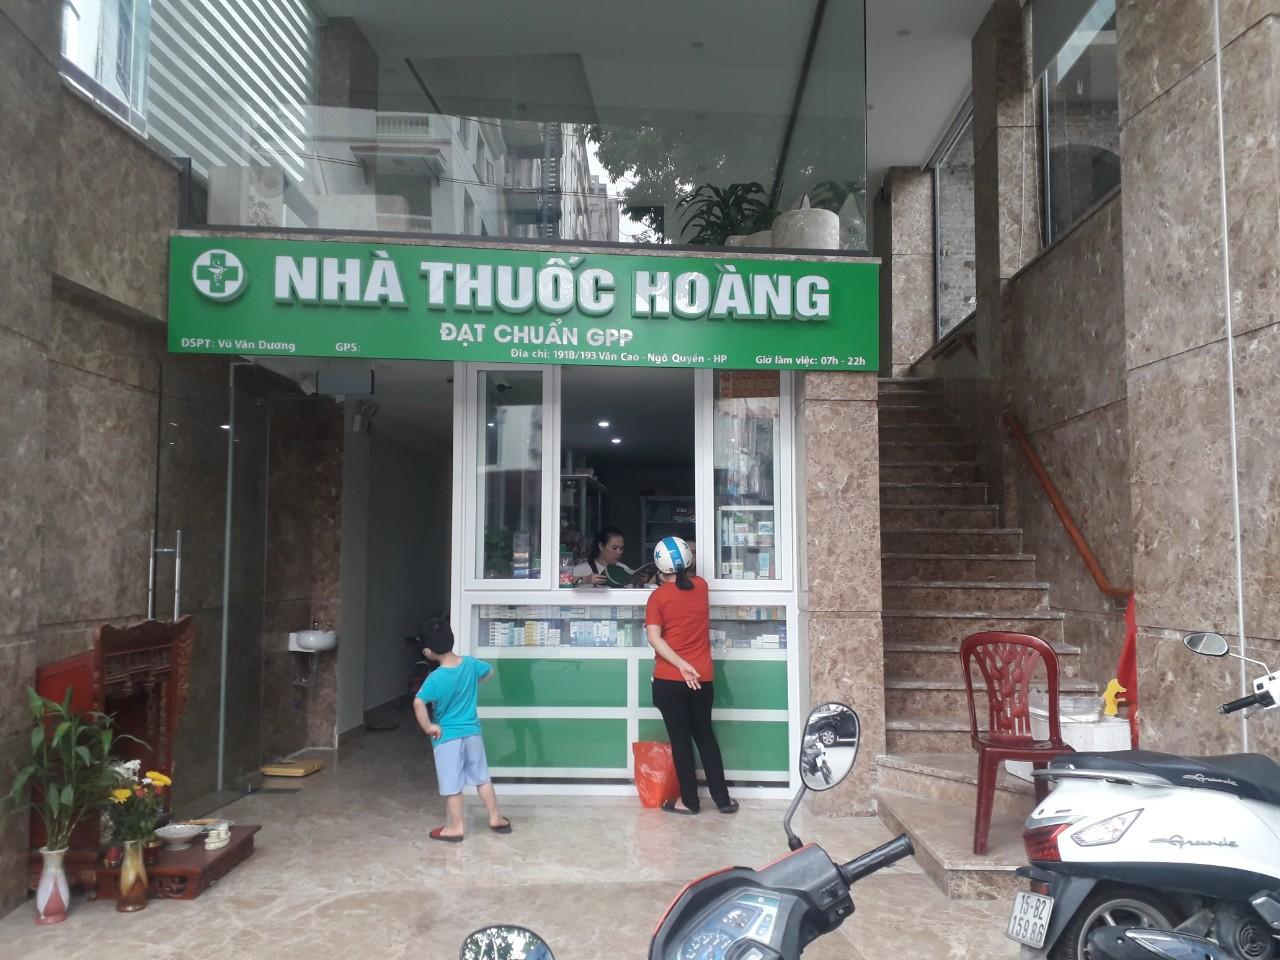 NT Hoàng